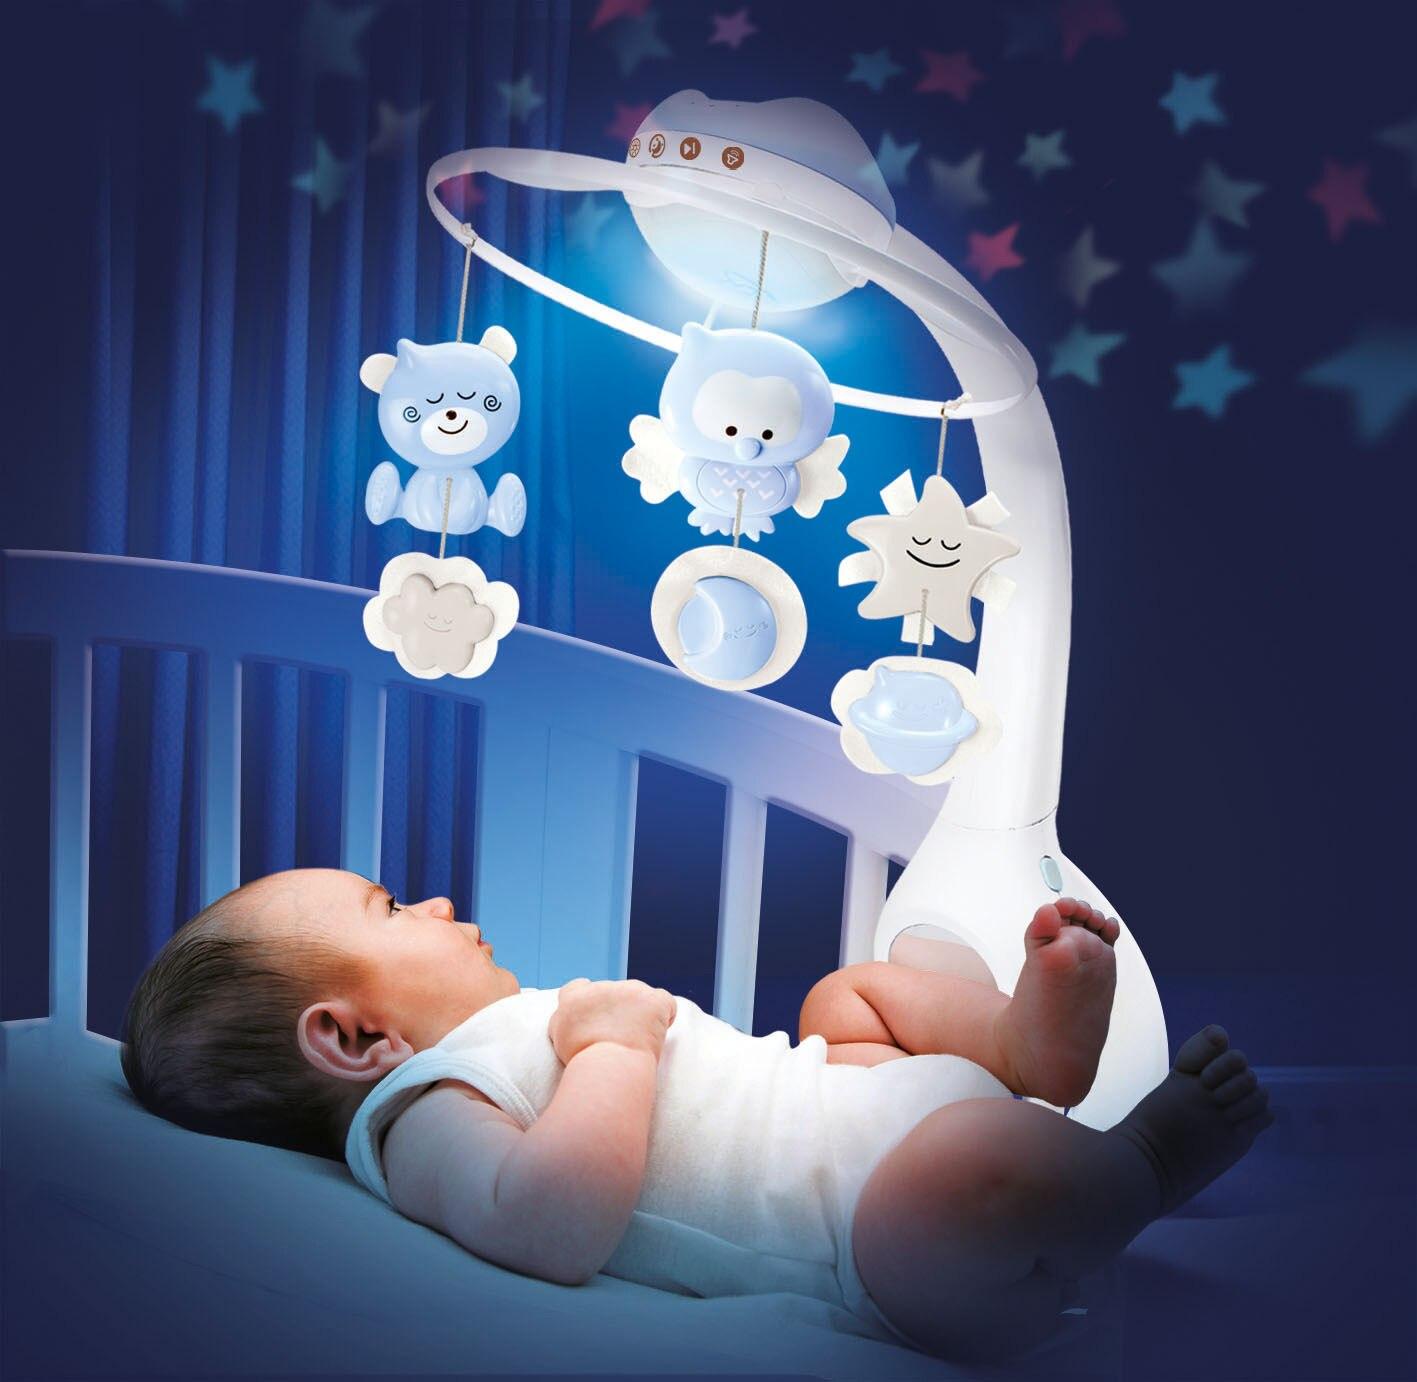 In America Infantino Infantile star Proiezione Tre in One Dreamy Letto Campana Carillon Campana Pacificare Lampada di Proiezione di Sonno - 2